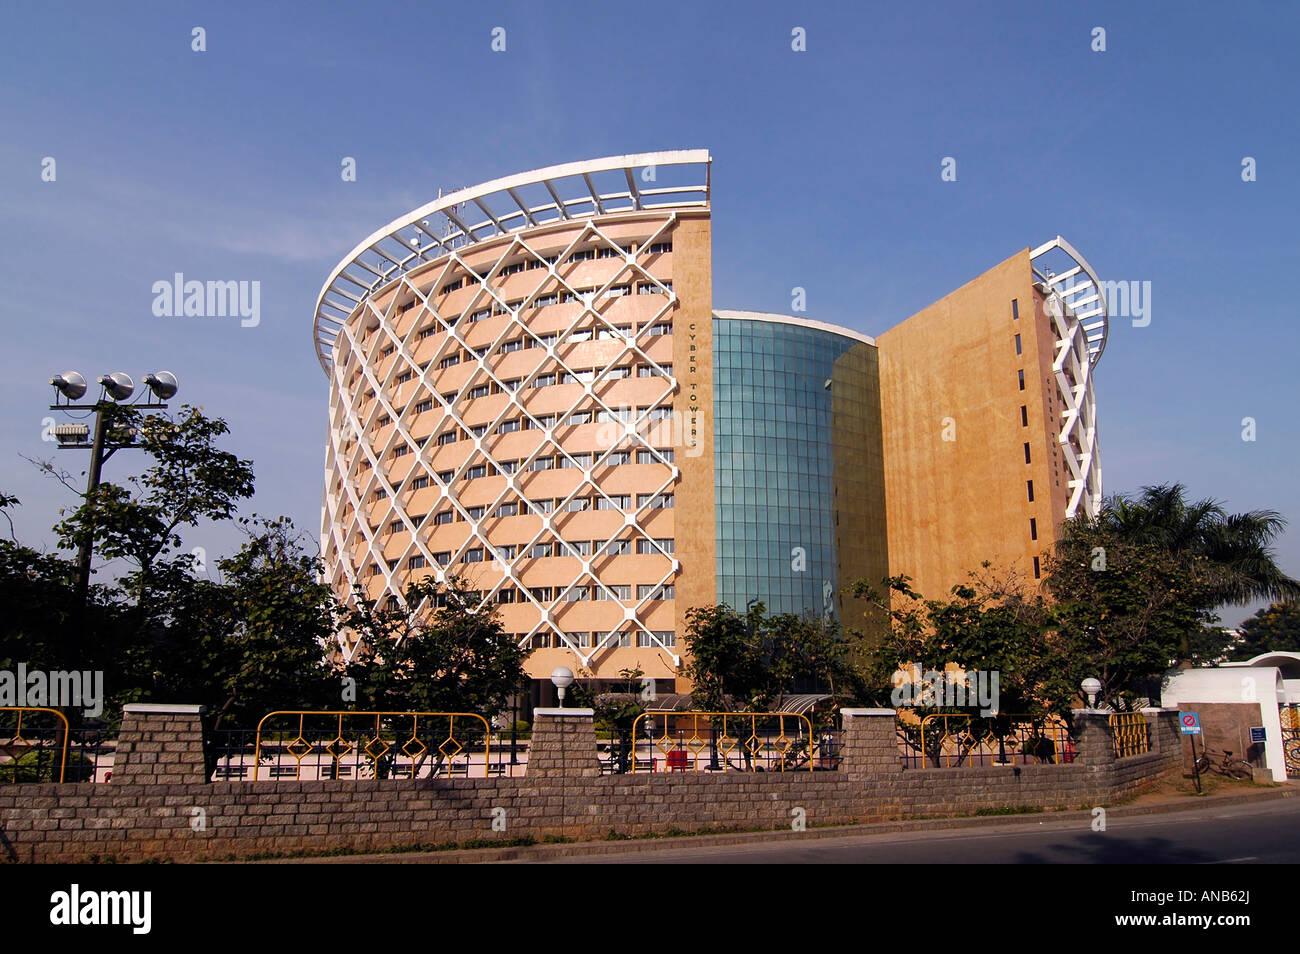 Die WIPRO Gebäude in Hyderabad es 'Cyberabad', Indien. WIipro ist eine Software-Technologie-Unternehmen. Stockfoto